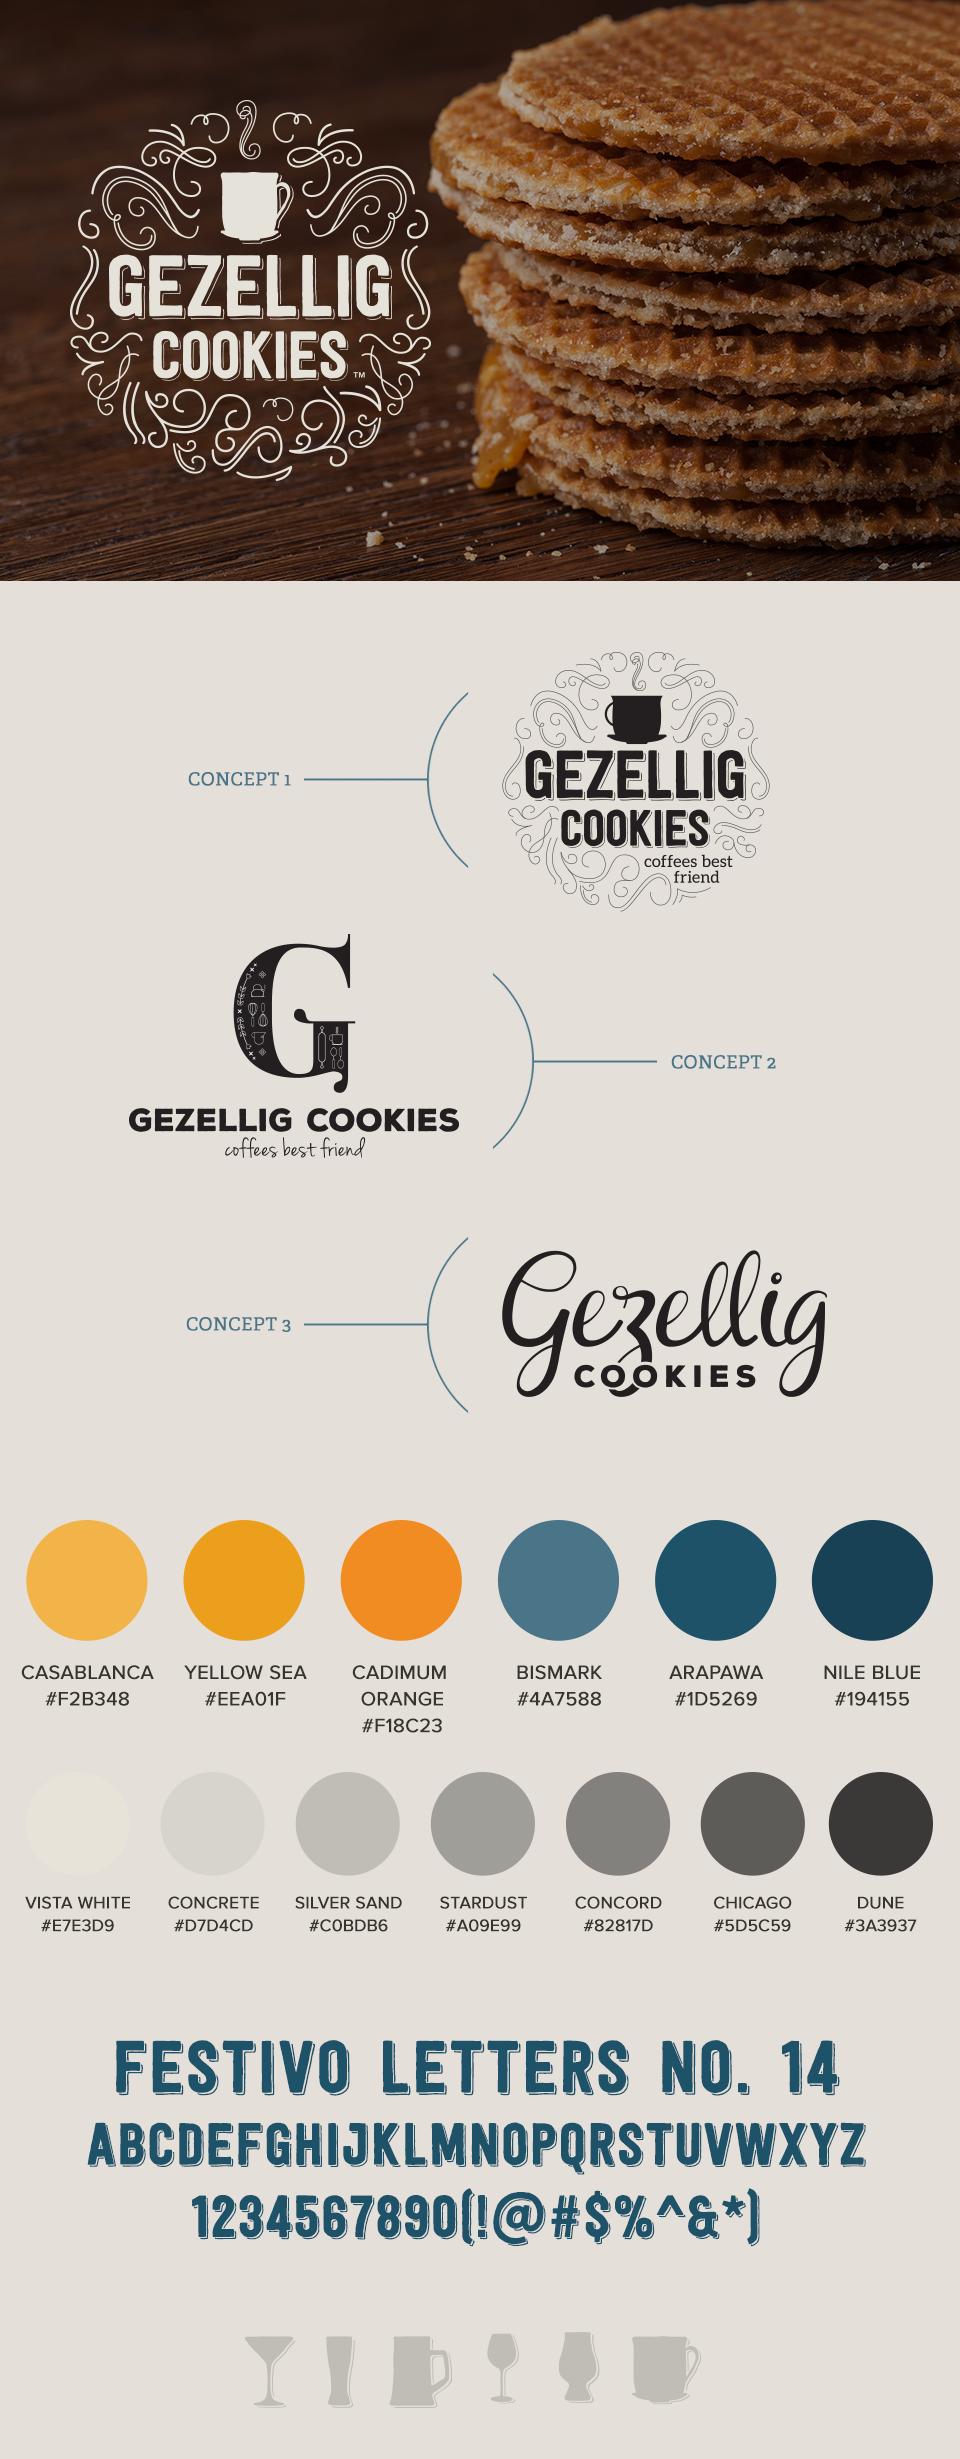 gezellig-cookies-brand